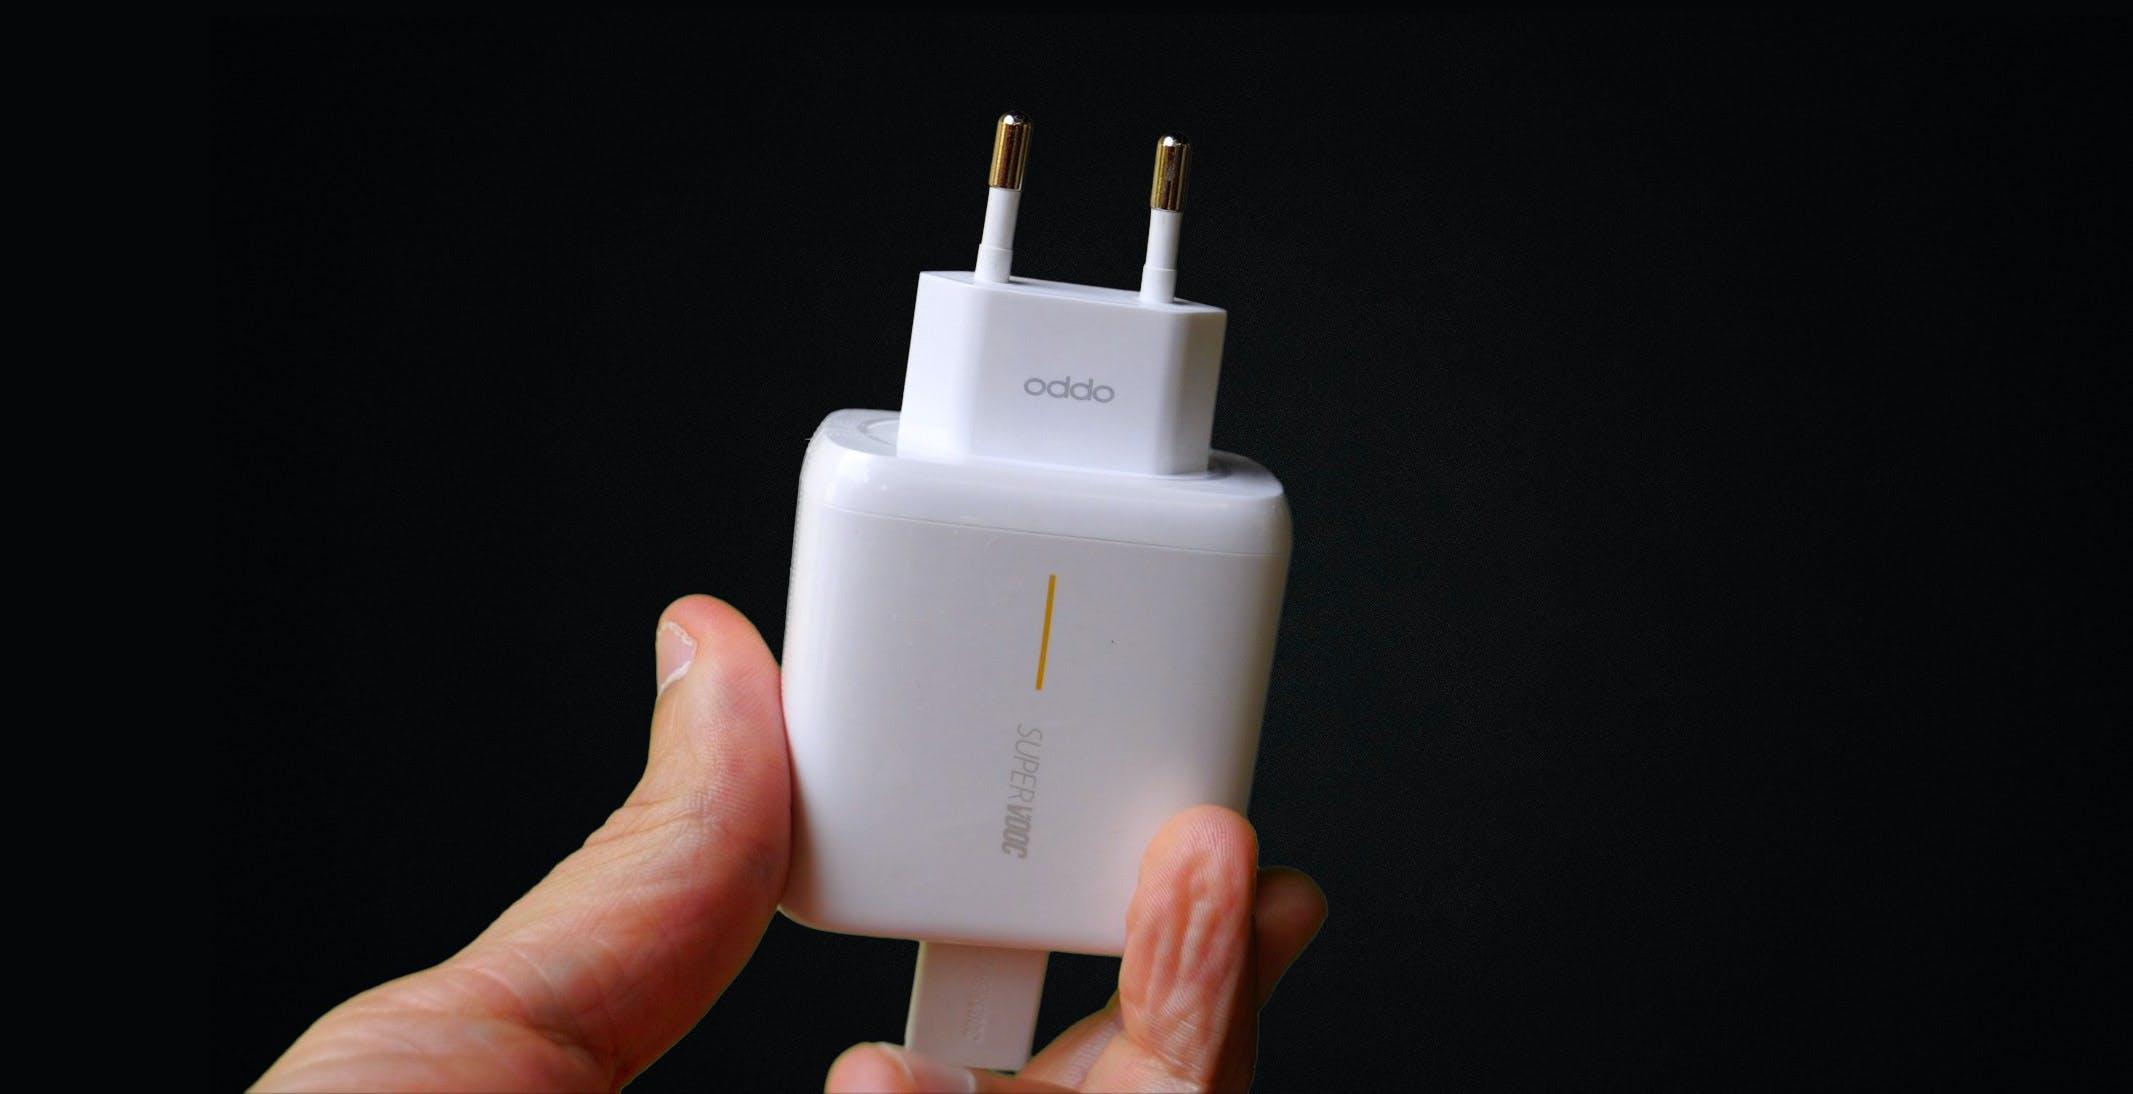 La ricarica rapida rovina la batteria del telefono? Oggi parte un test per capirlo